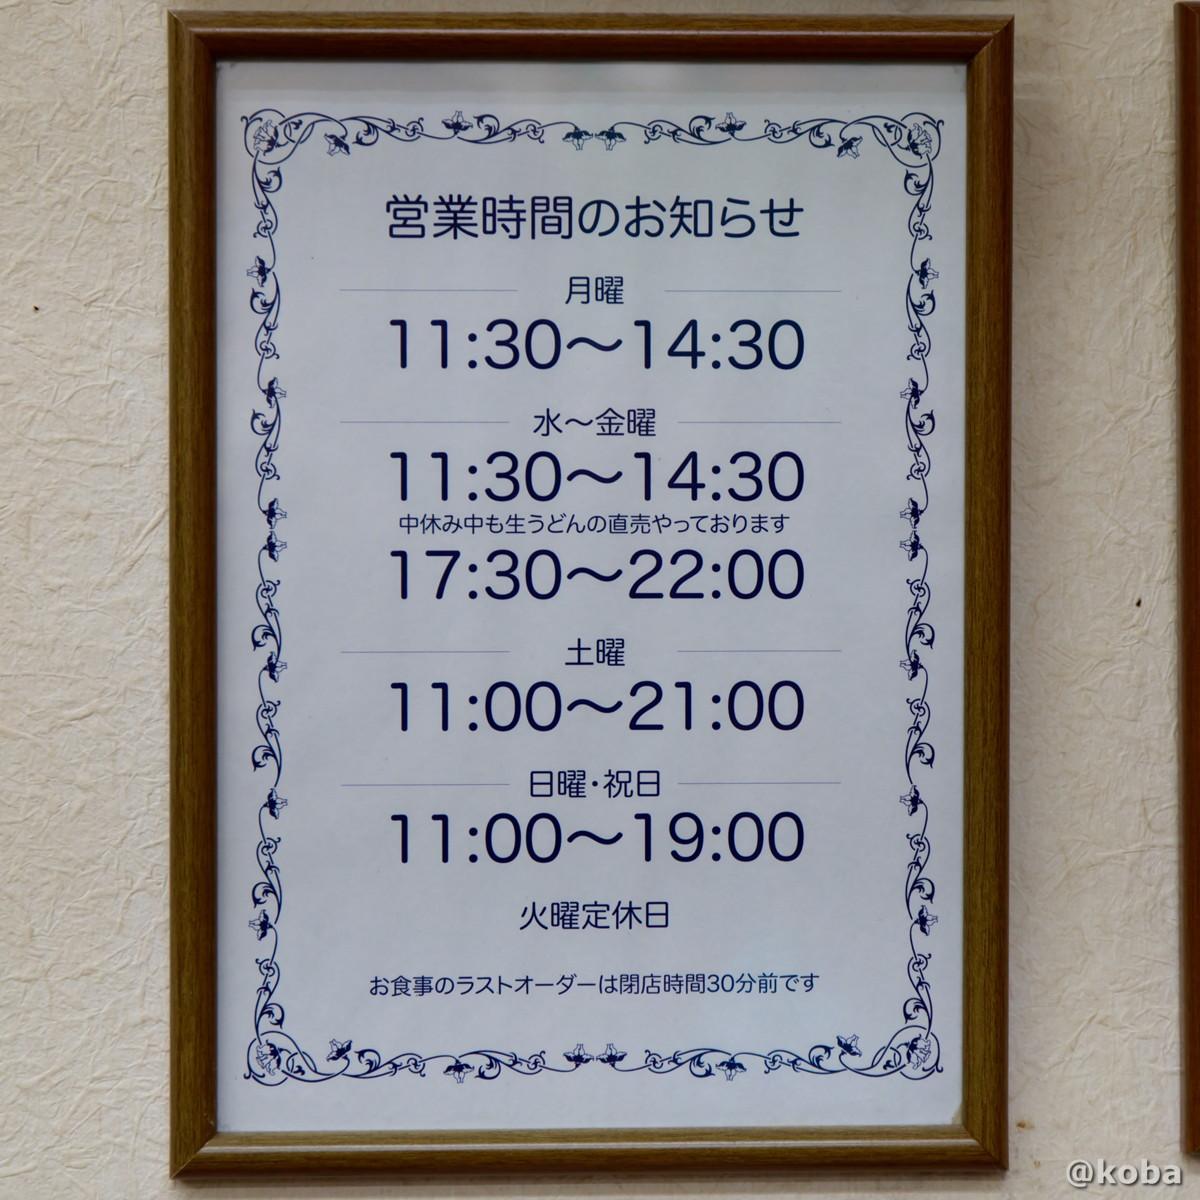 営業時間・定休日の写真 四ツ木製麺所(よつぎせいめんじょ)うどんランチ 食事処 東京都葛飾区・立石